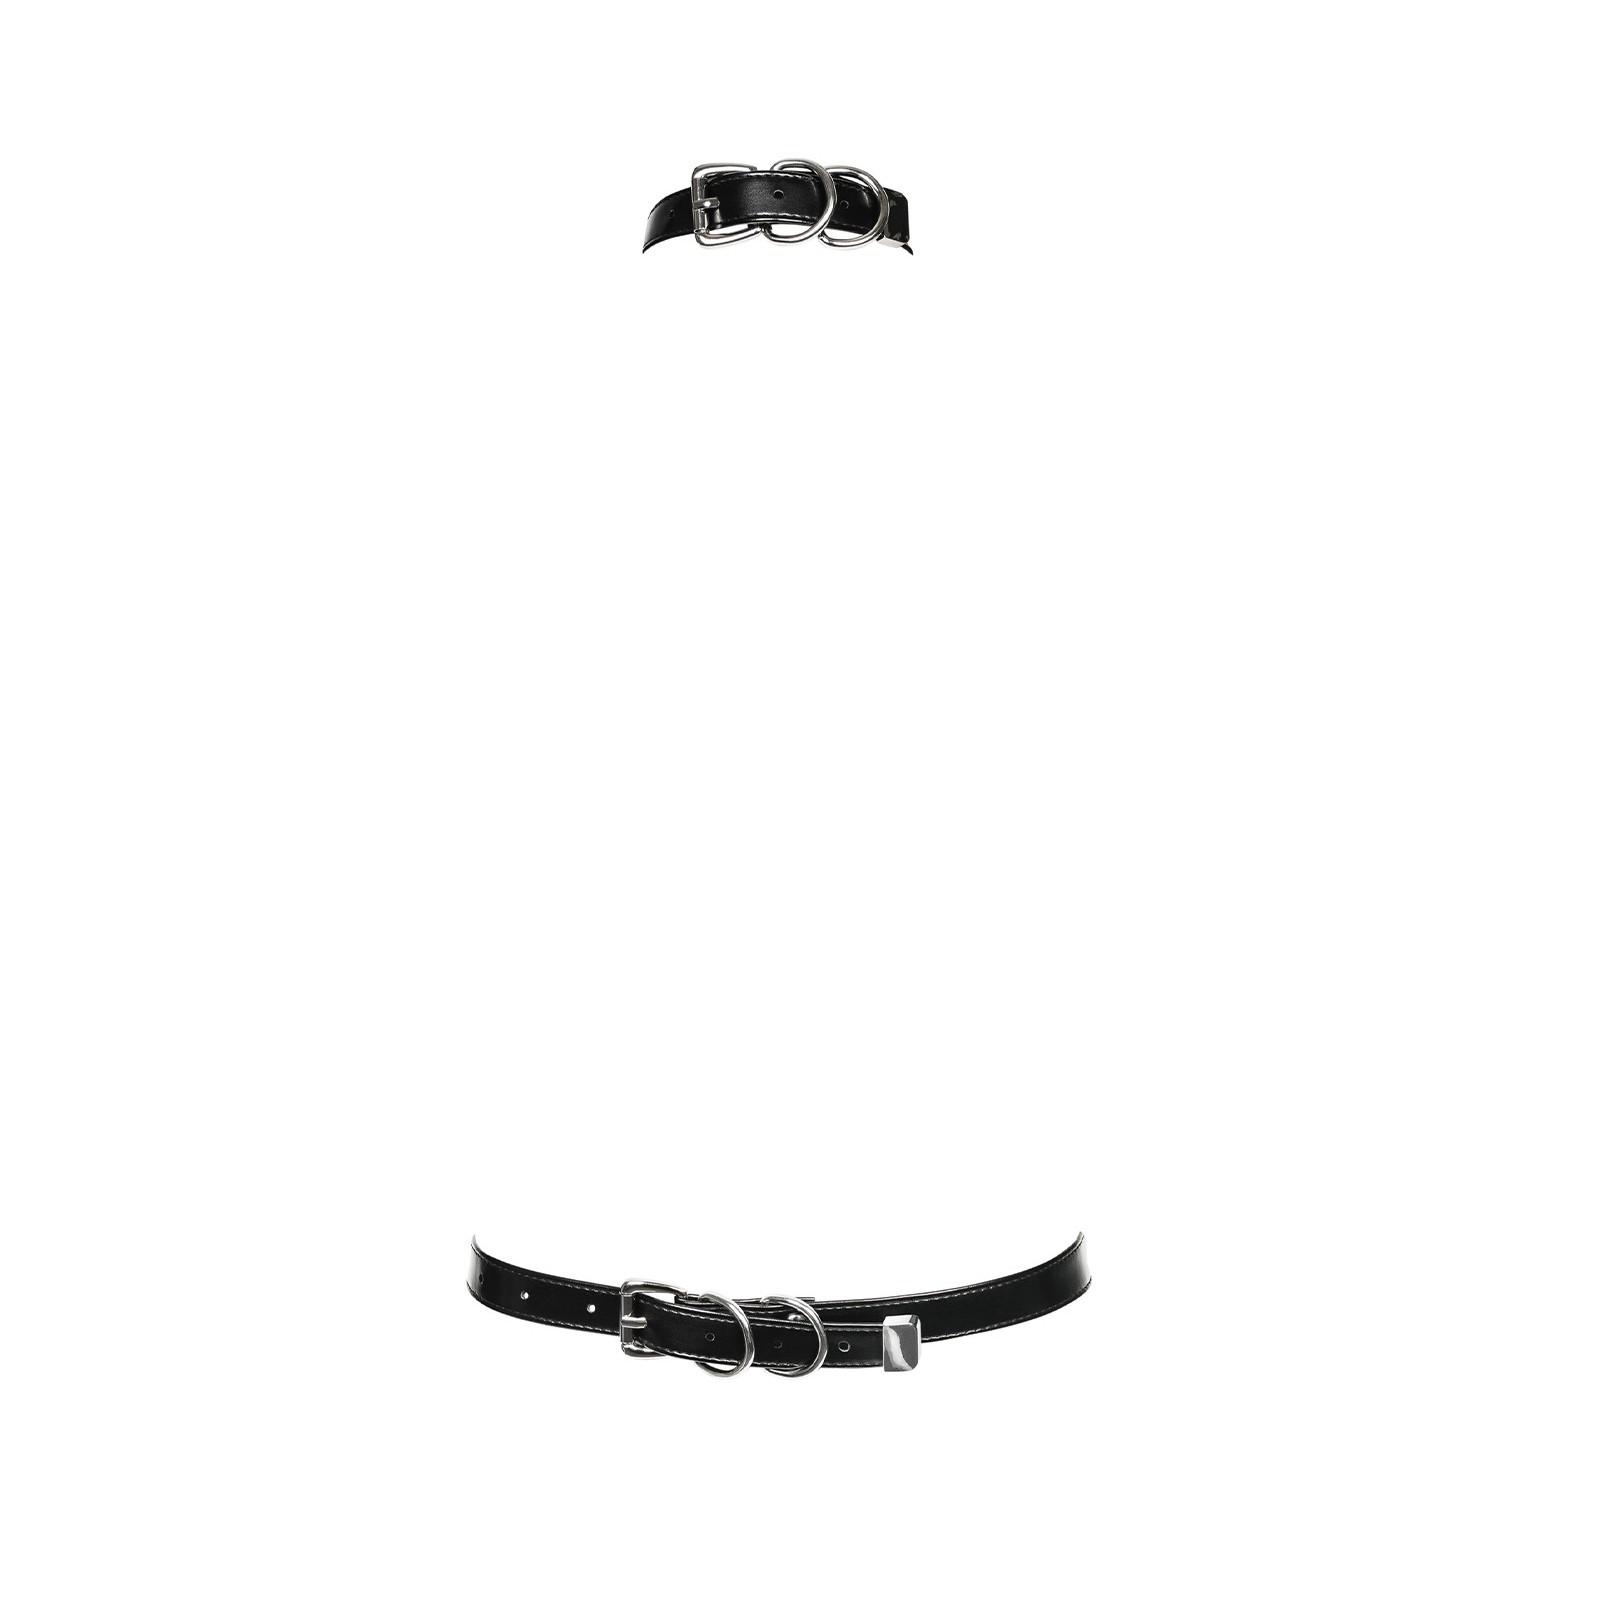 A738 Harness schwarz - 7 - Vorschaubild